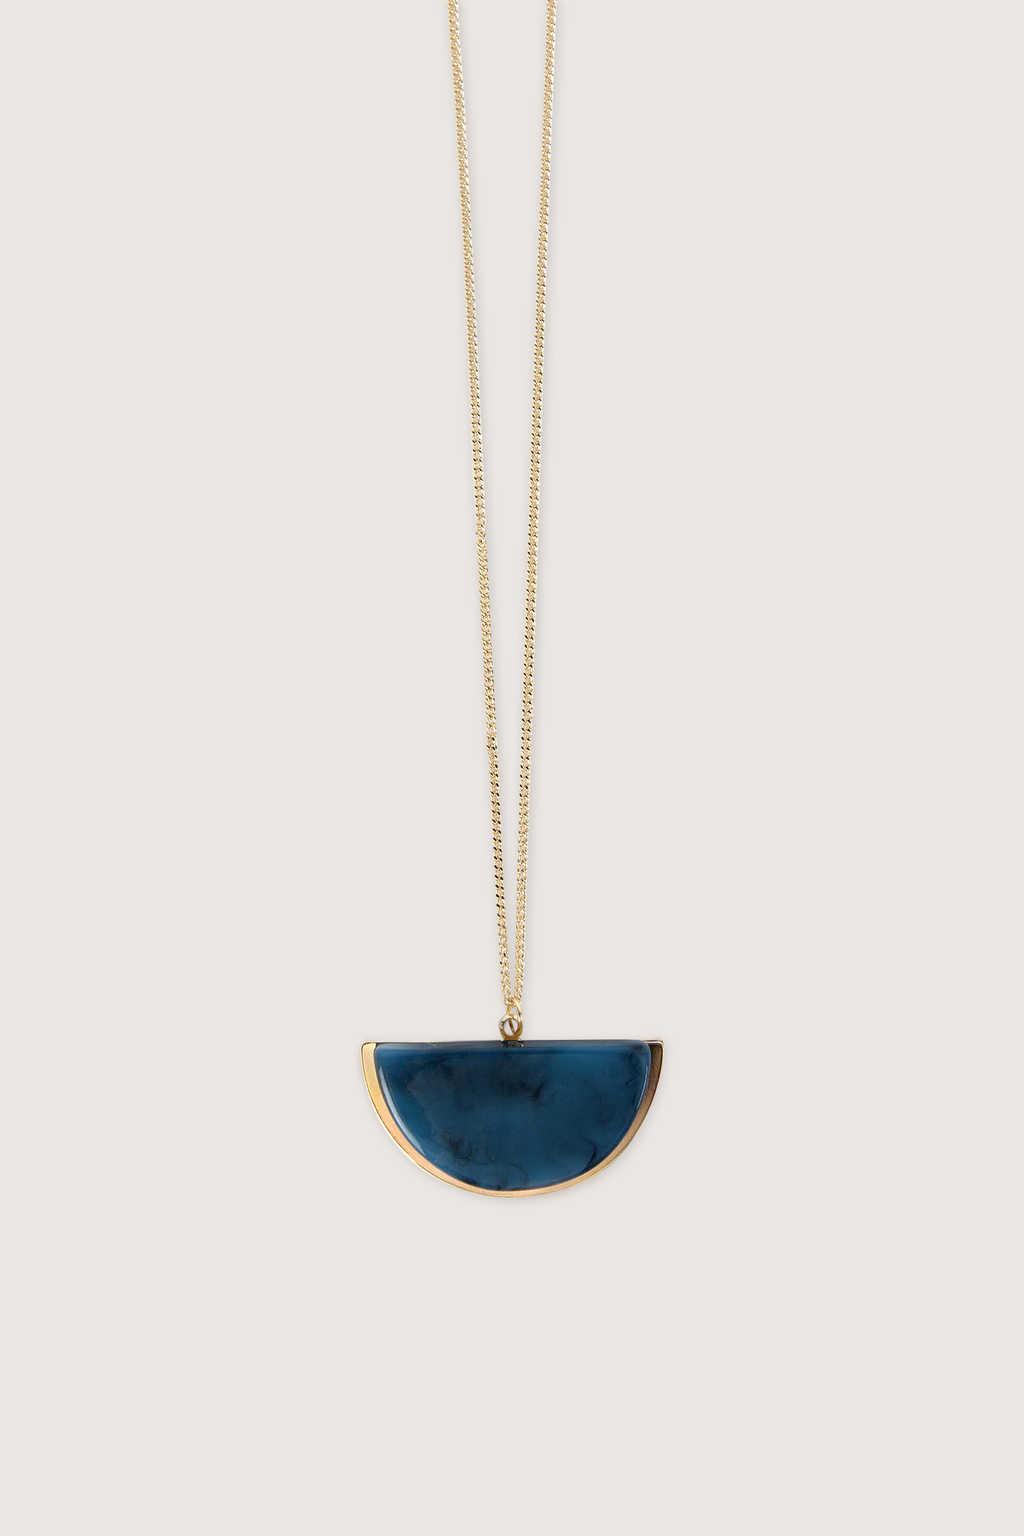 Necklace H016 Blue 3